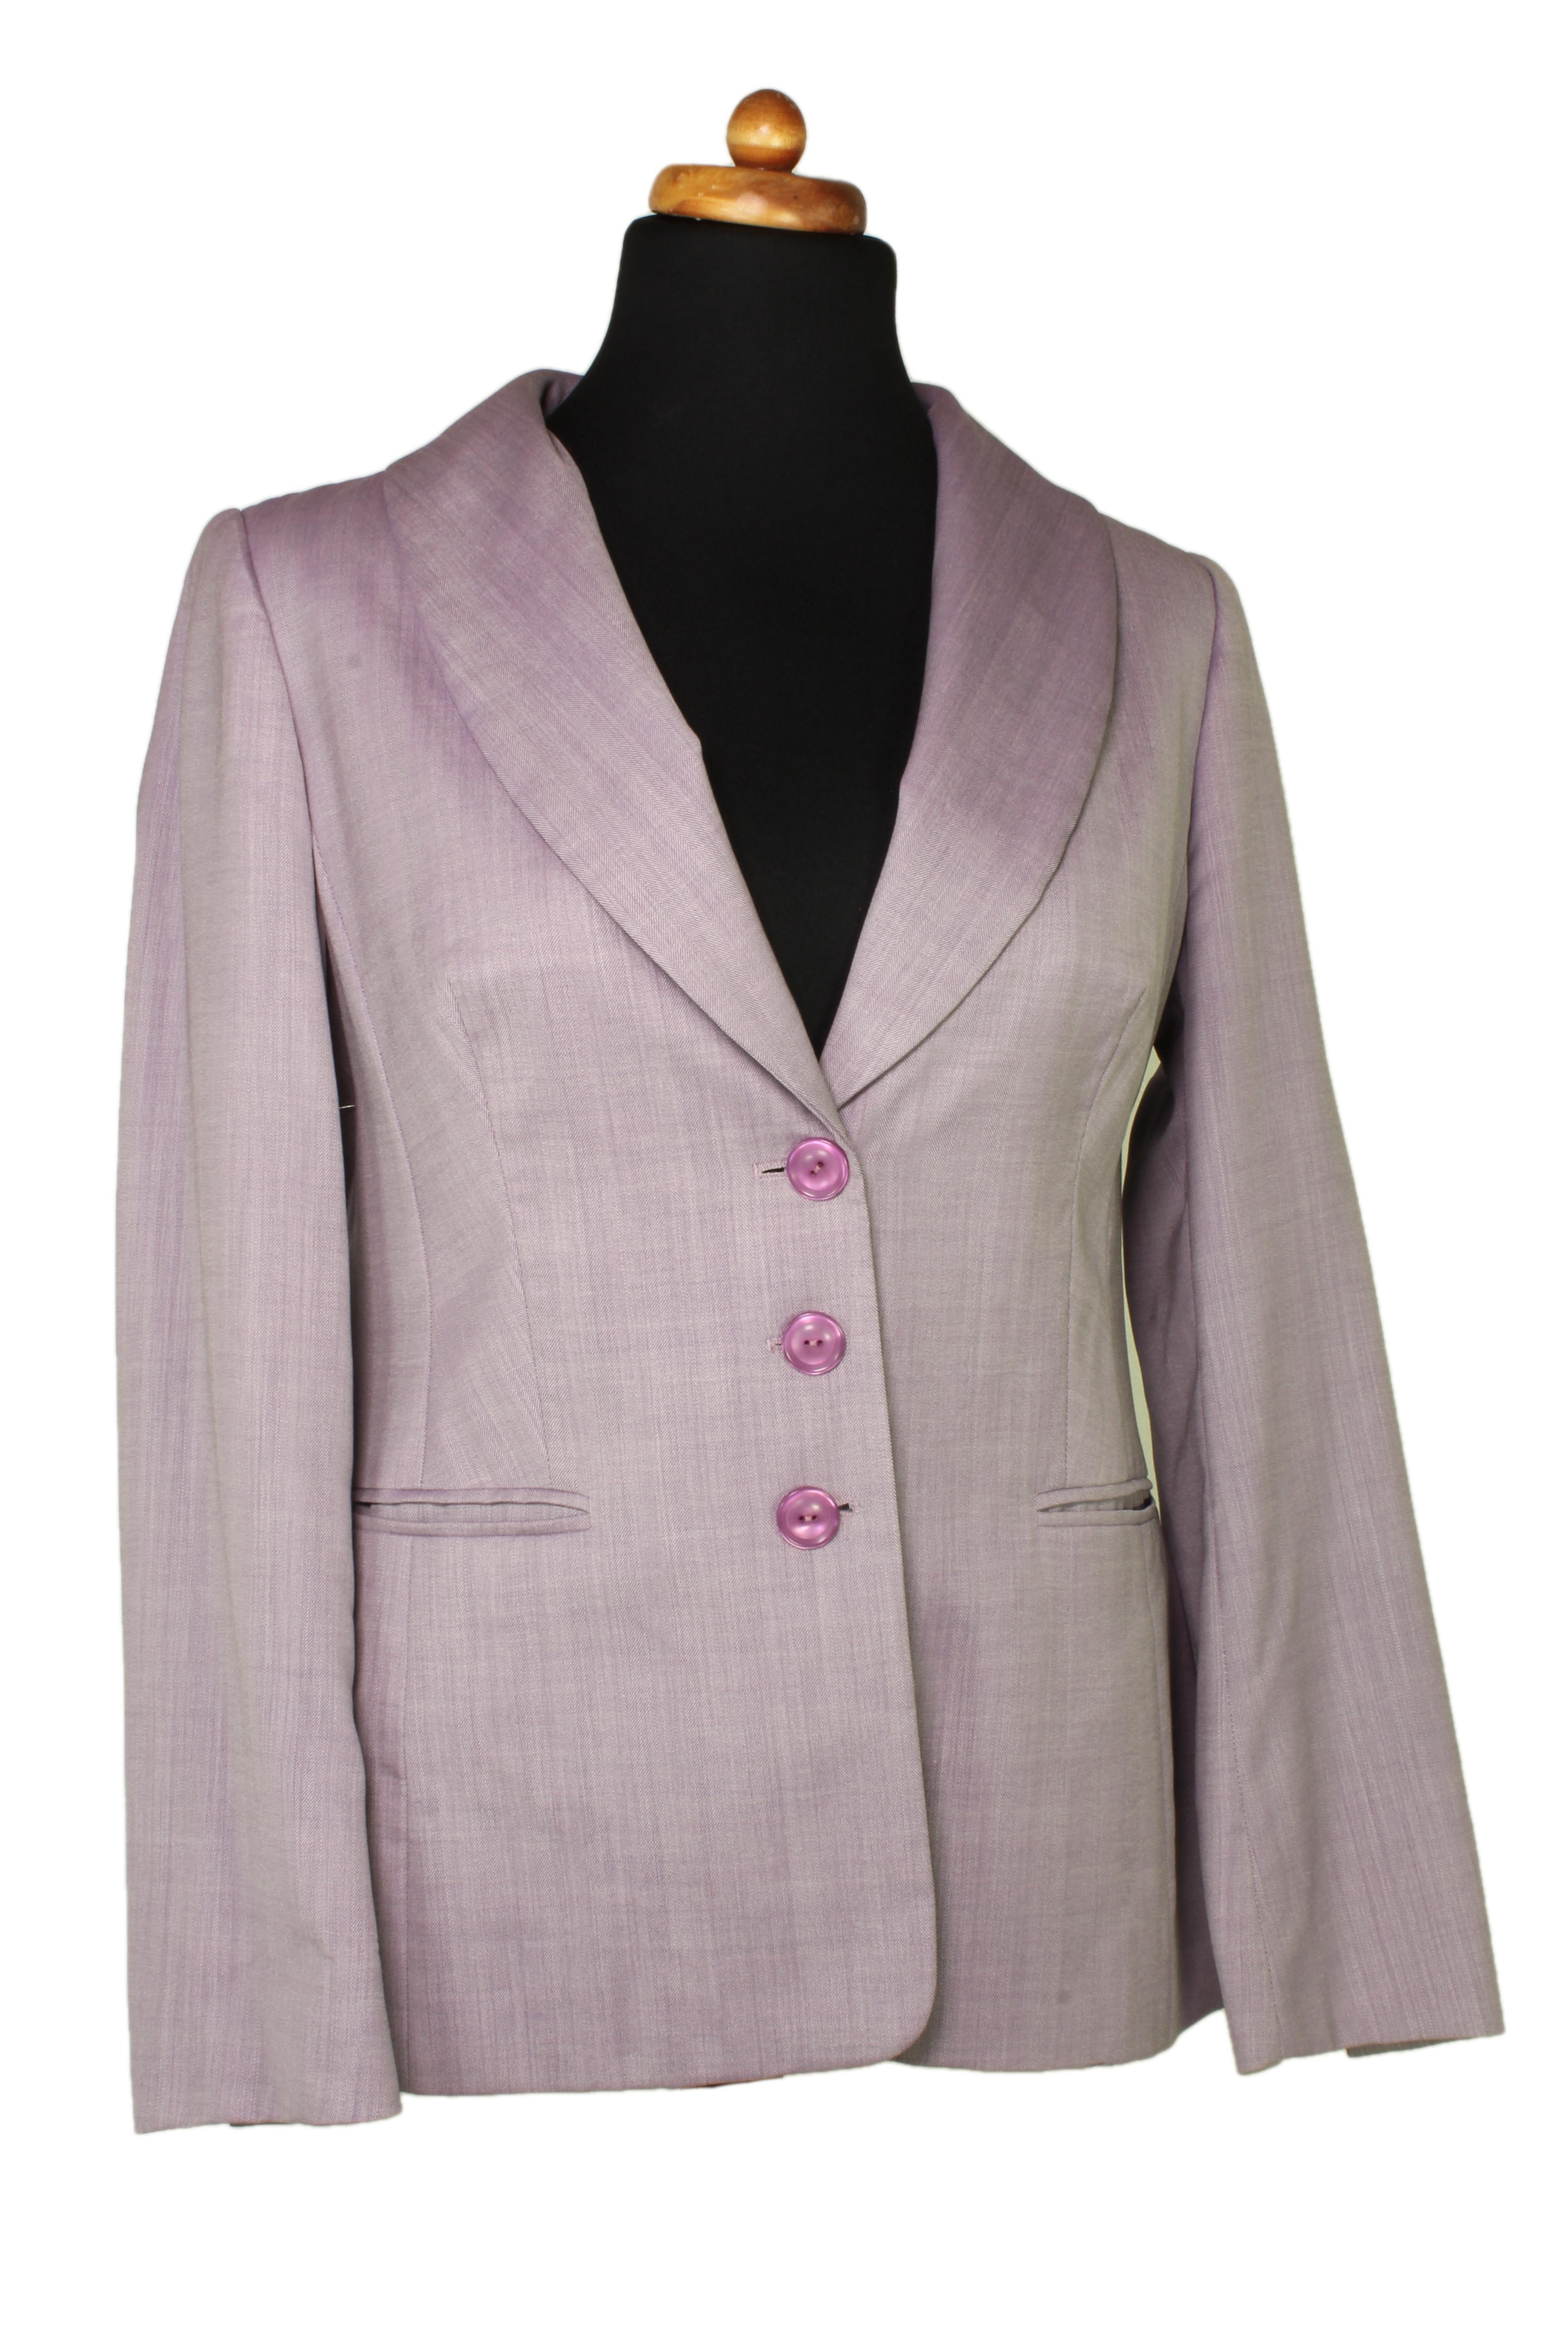 GABRIELLA DESIGN Blazer in Lavendel